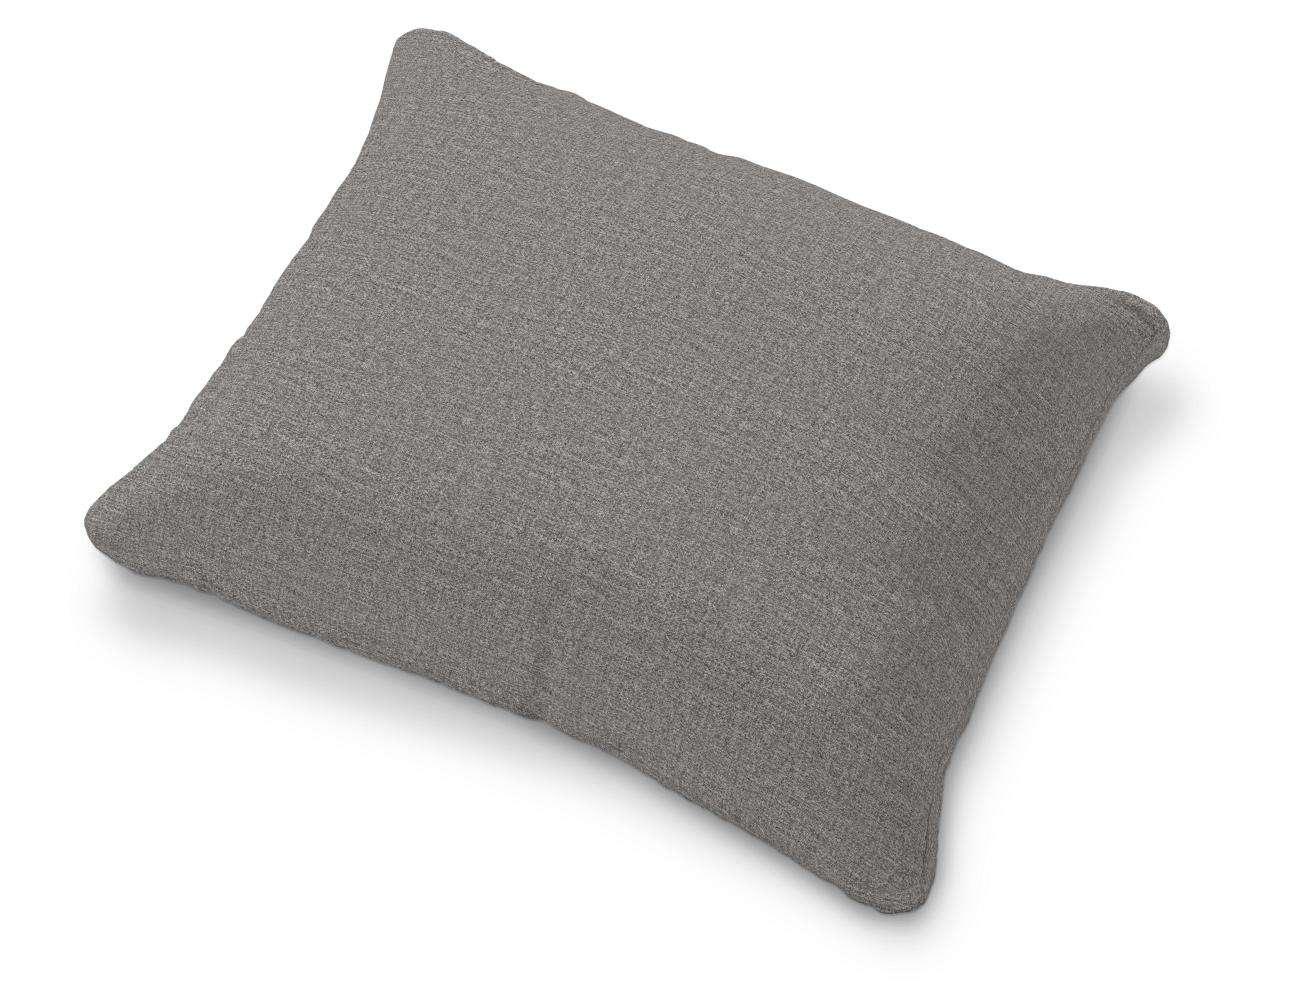 Poszewka na poduszkę Karlstad 58x48cm w kolekcji Edinburgh, tkanina: 115-81